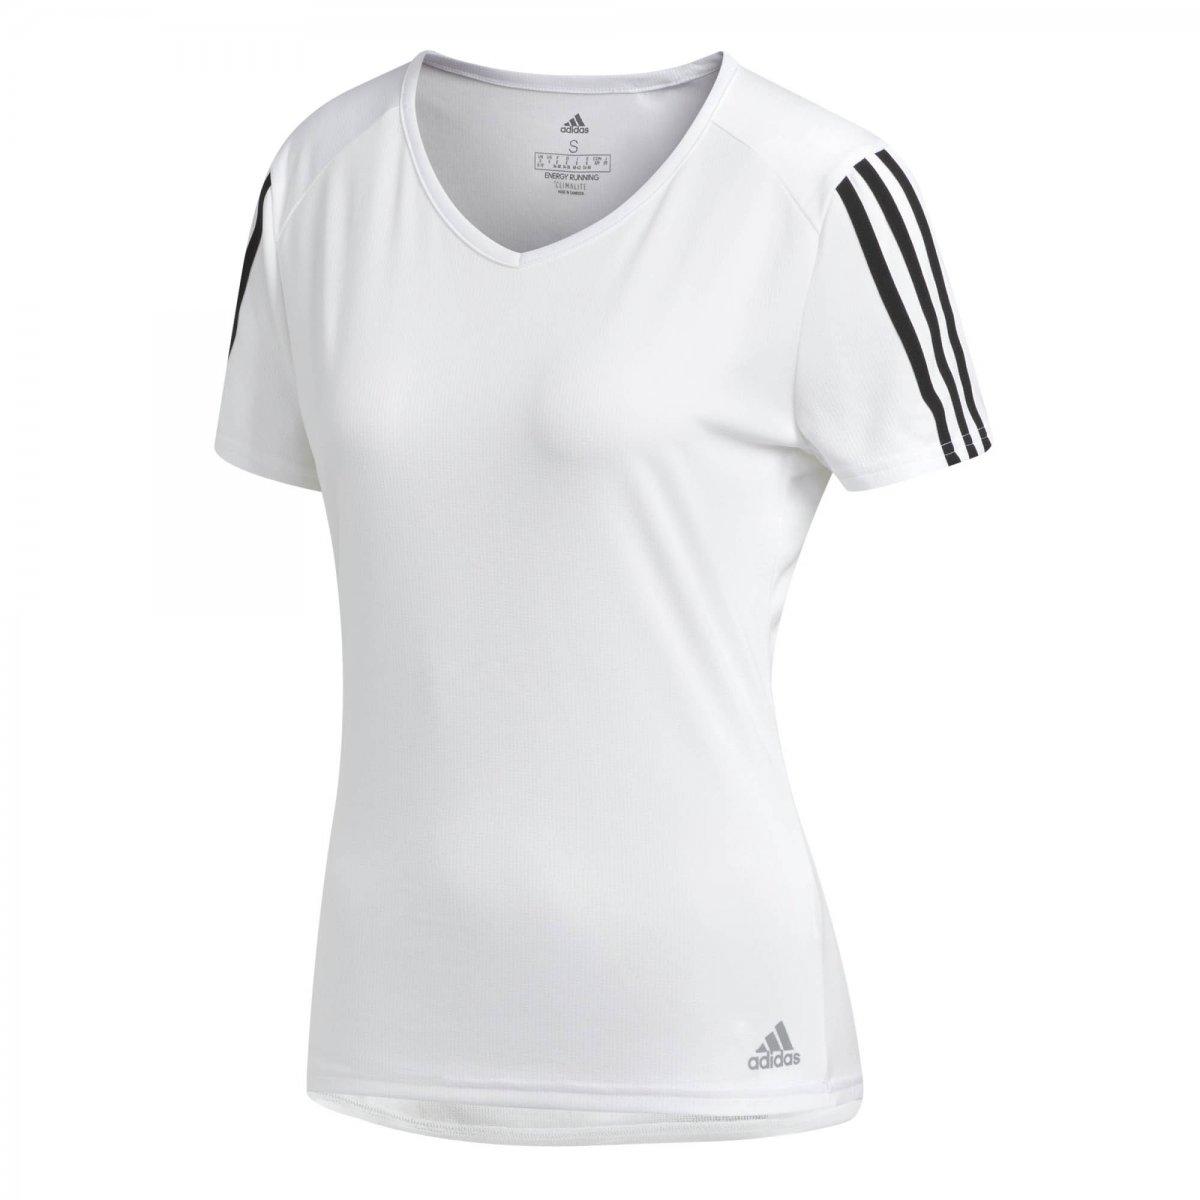 asiático Levántate loto  Camiseta Feminina Adidas Running 3-Stripes CZ7571 - Branco/Preto - Botas  Online Femininas, Masculinas e Infantis | Mundodasbotas.com.br